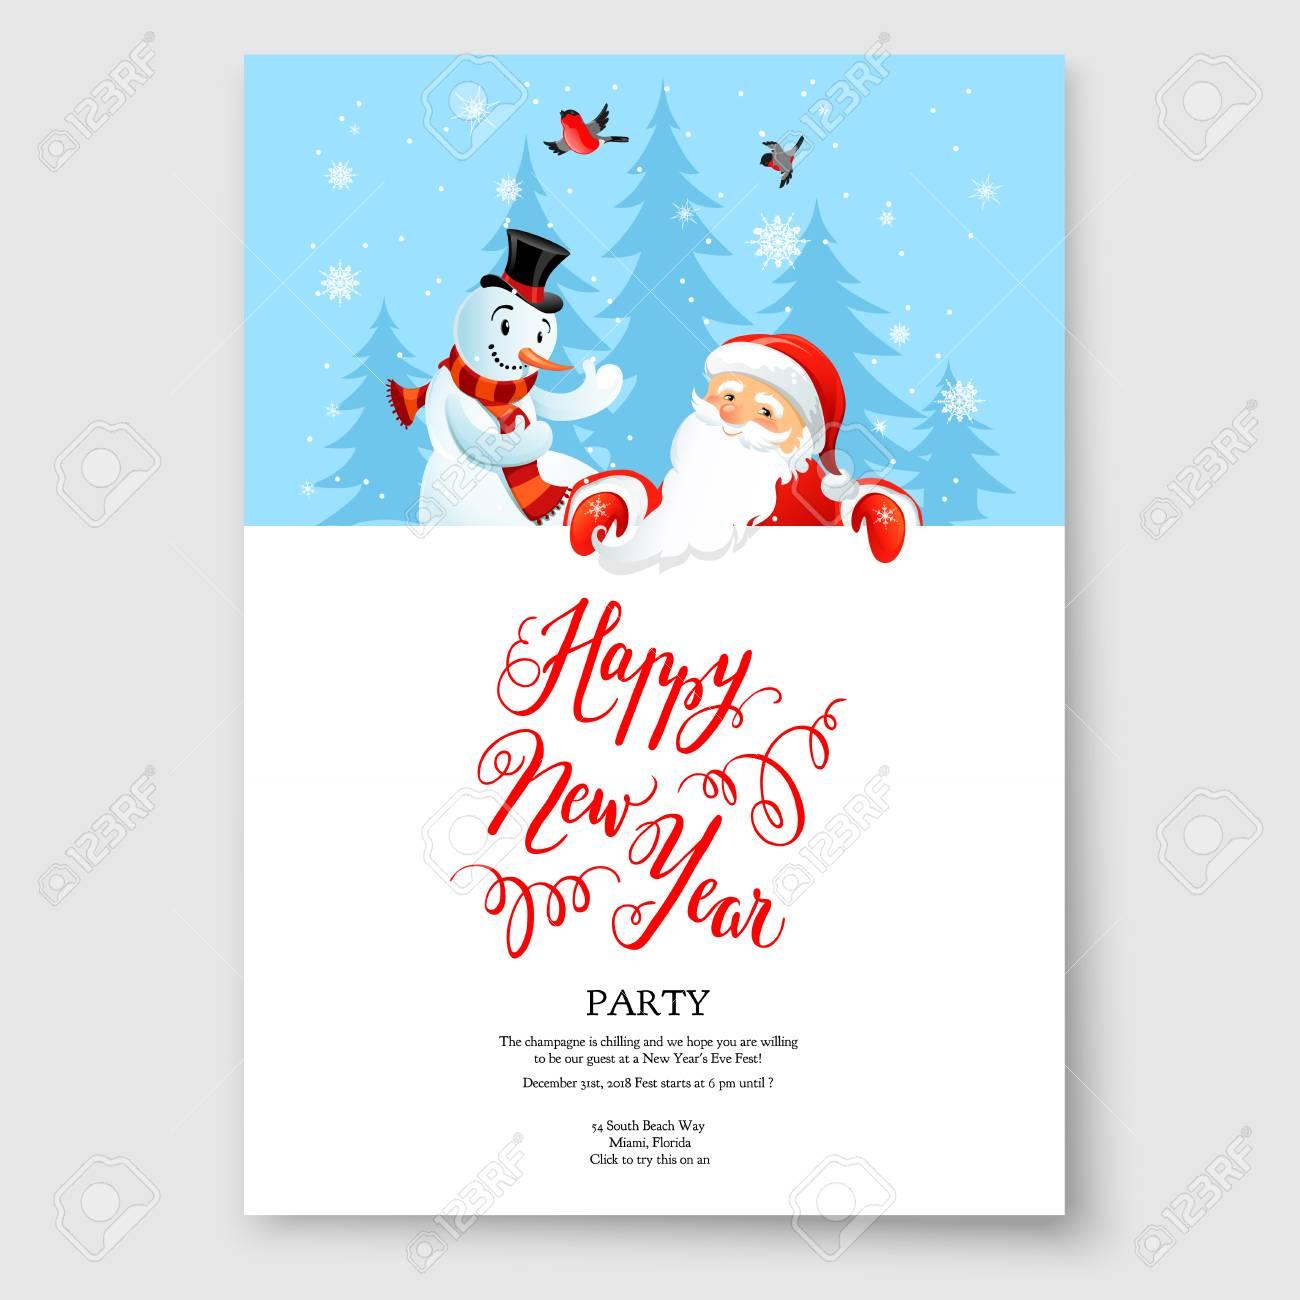 Santa Claus Happy Holiday Greeting Card Royalty Free Cliparts